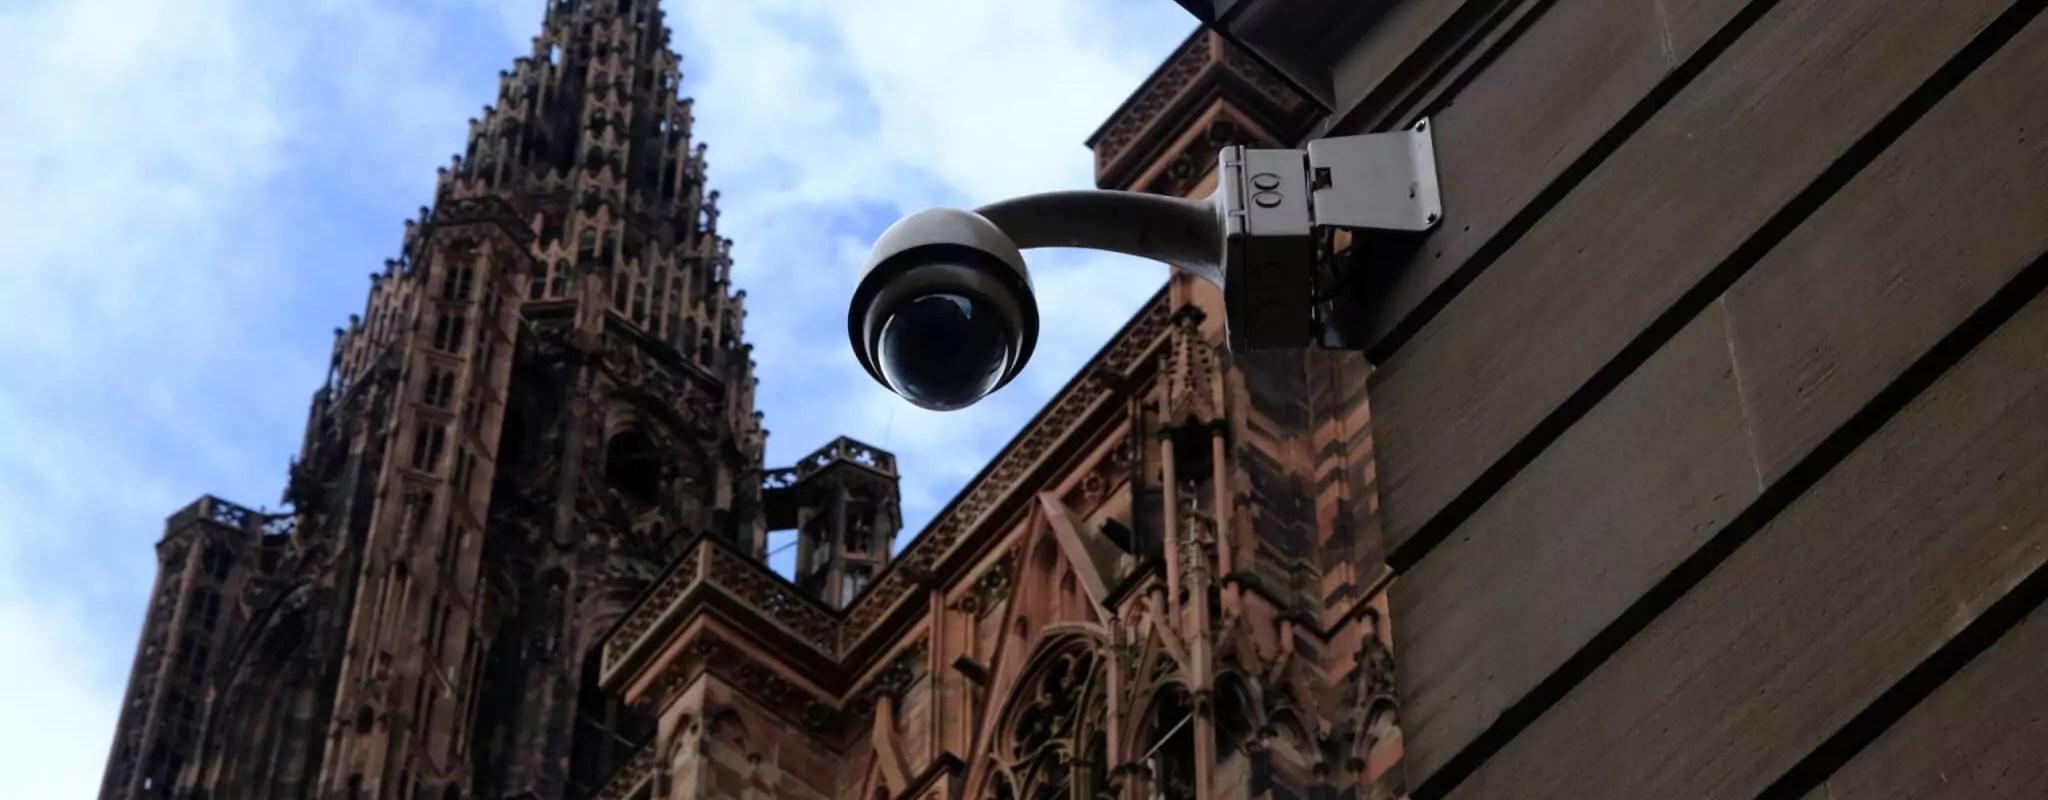 Les écologistes ne coupent pas la vidéosurveillance mais freinent son développement